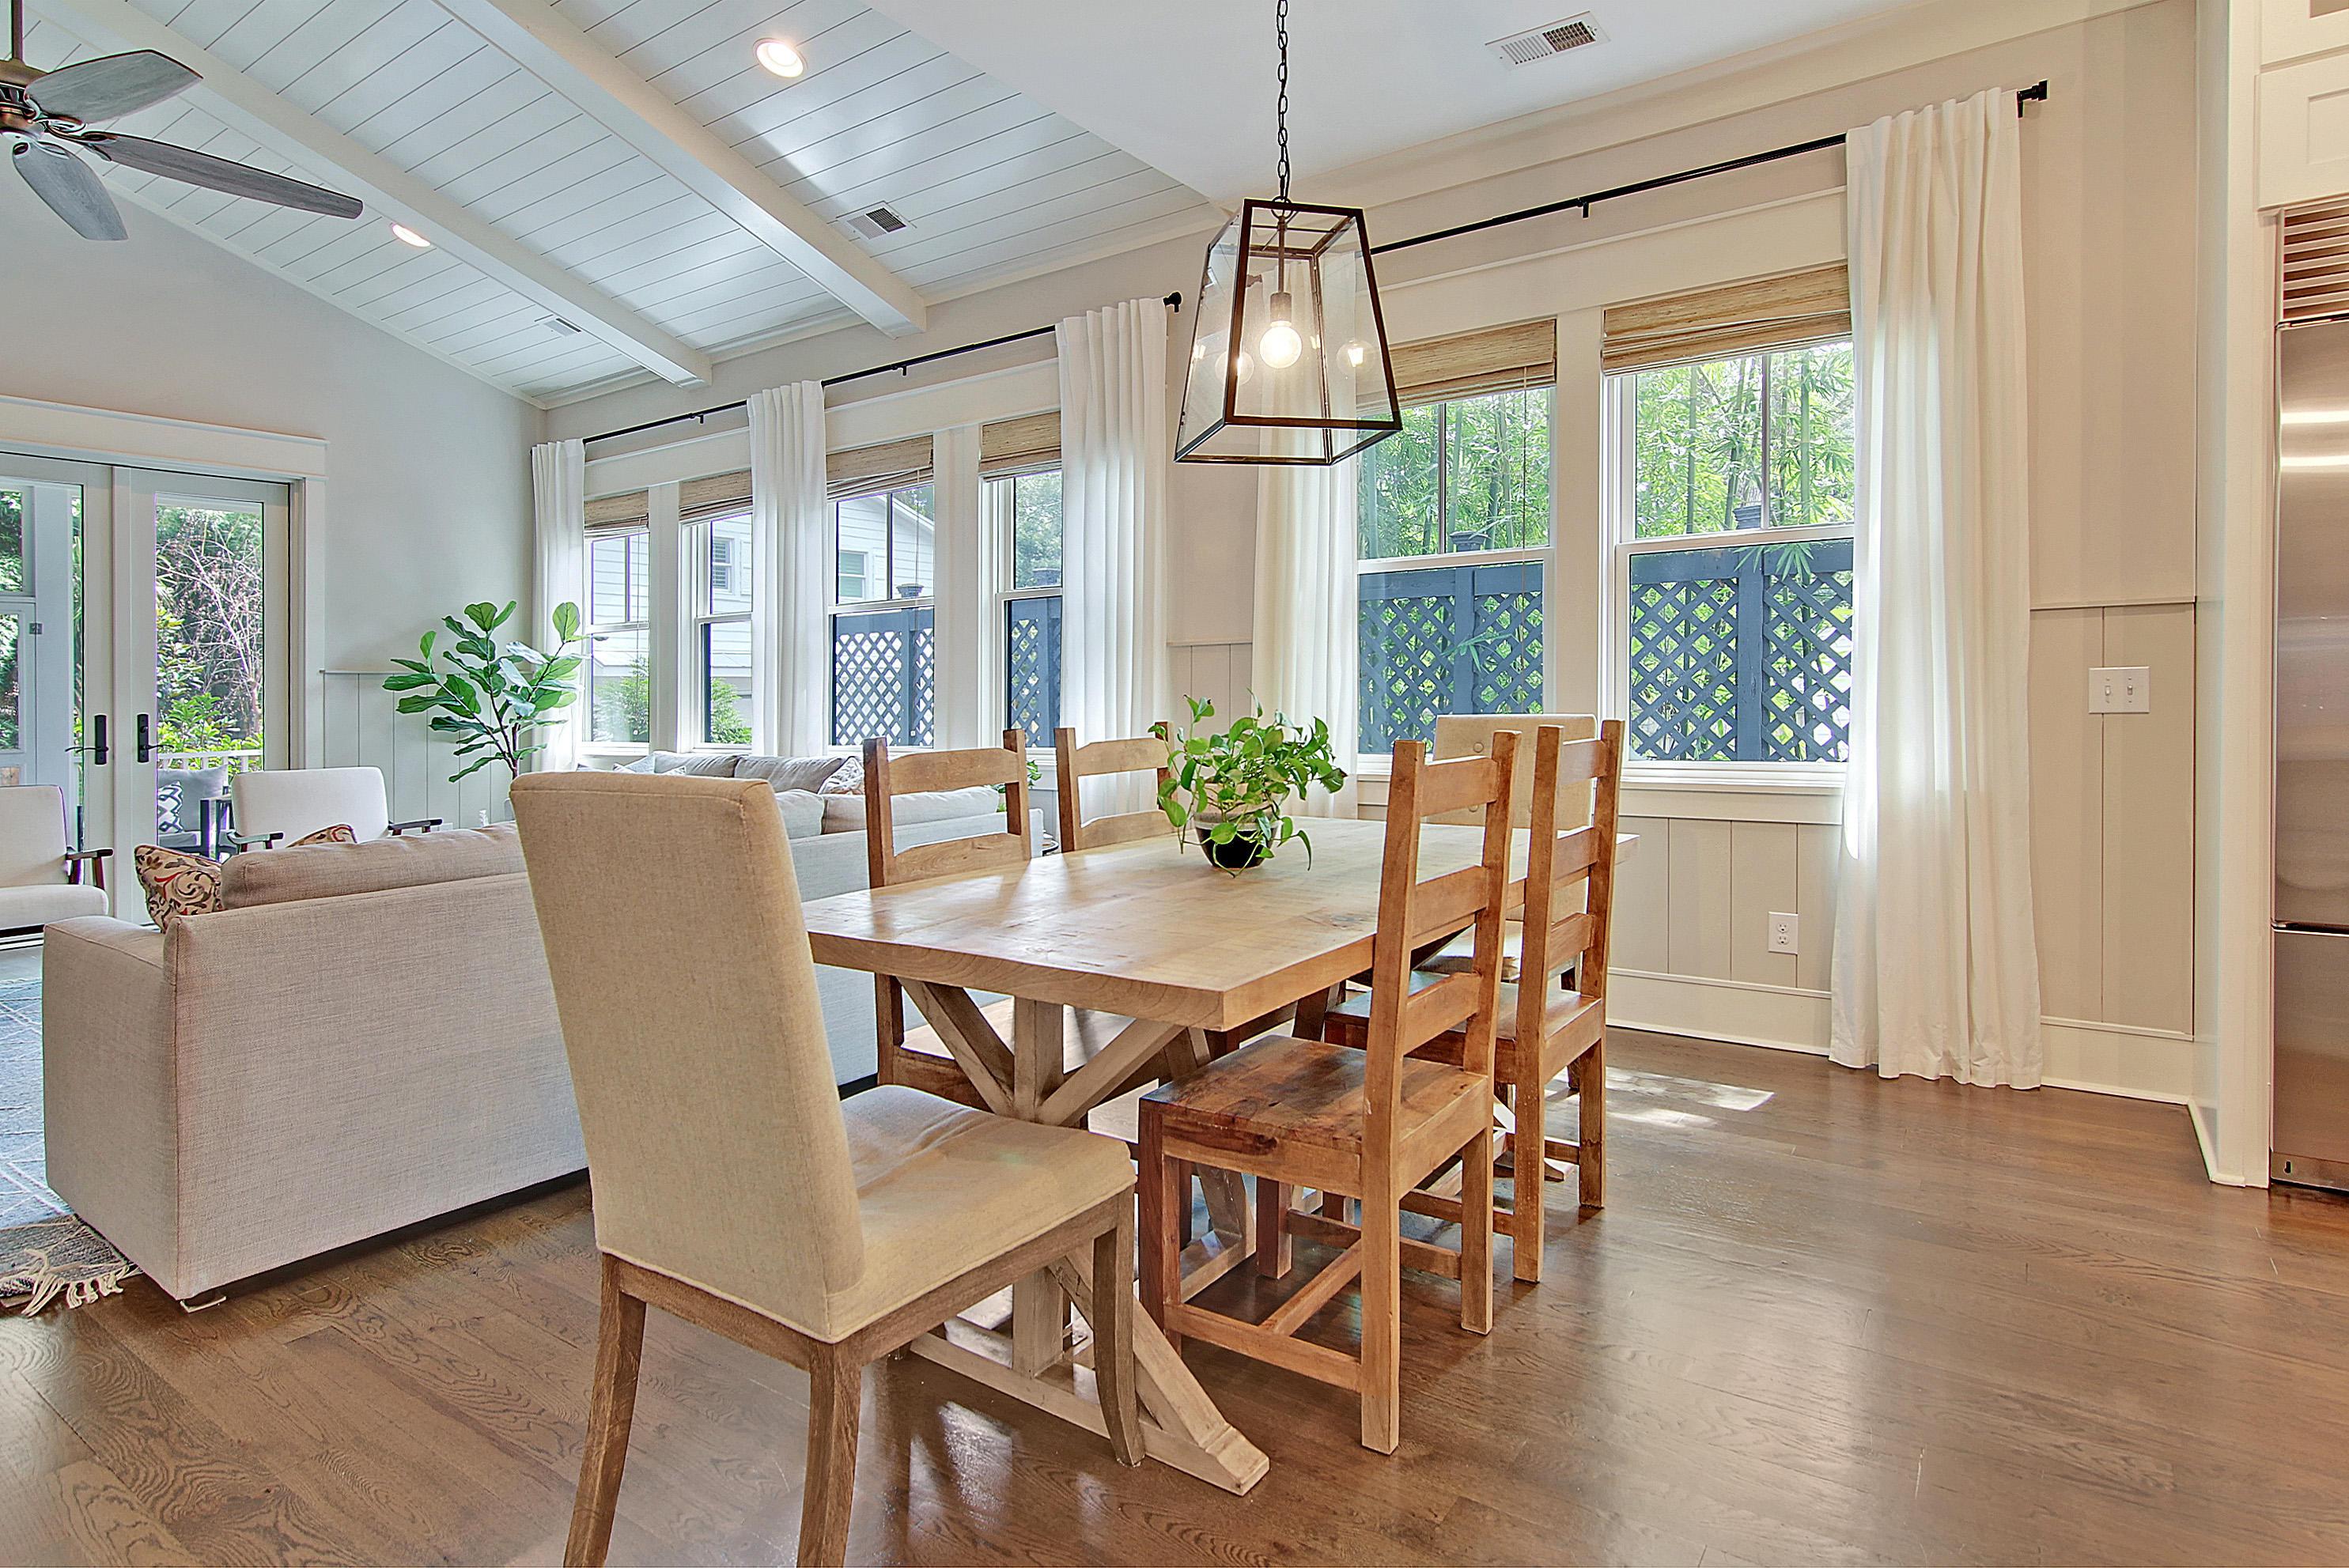 Old Mt Pleasant Homes For Sale - 753 Mccants, Mount Pleasant, SC - 54